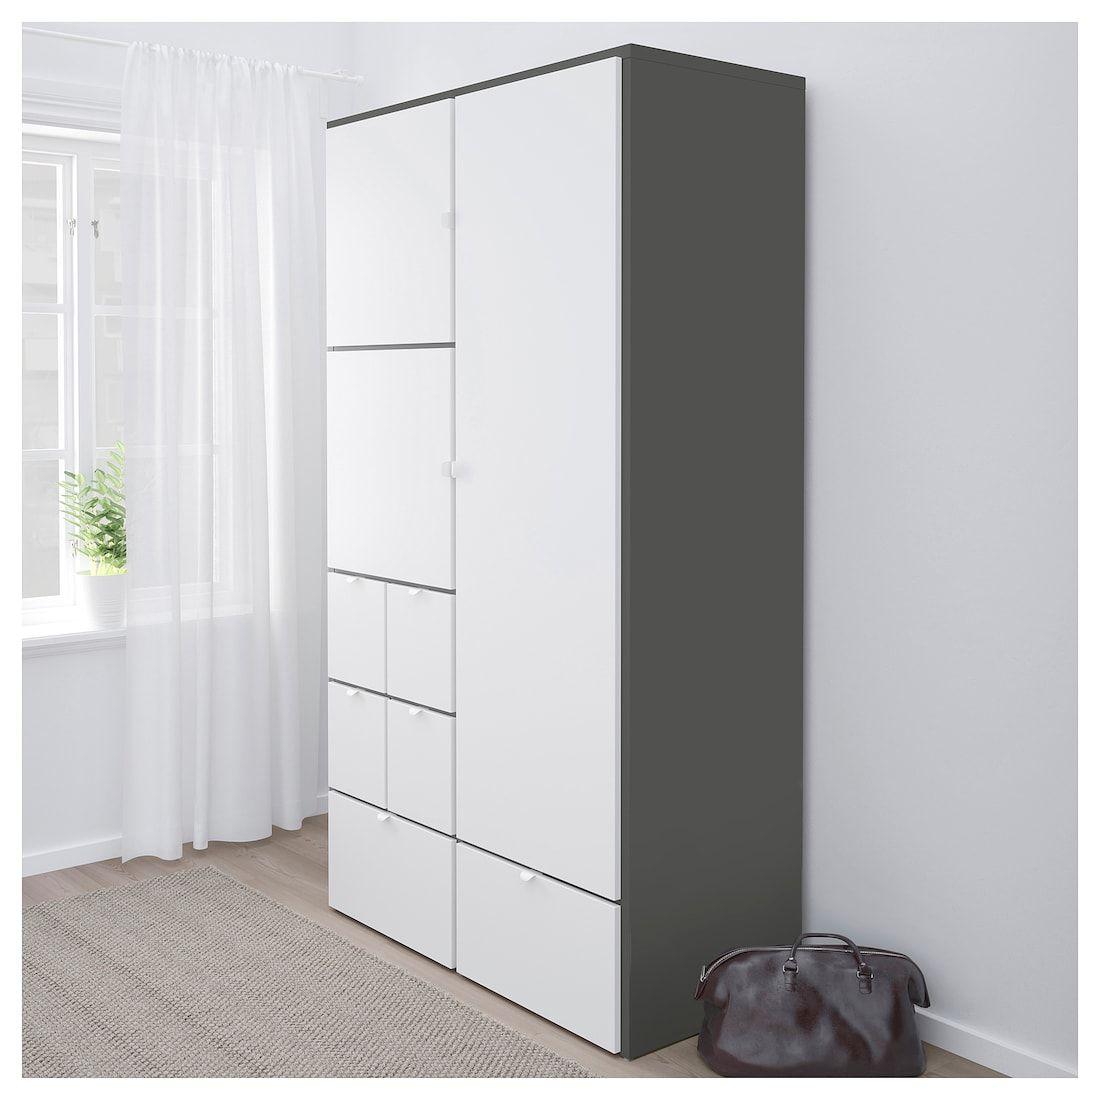 Visthus Kleiderschrank Grau Weiß Ikea Kleiderschrank Grau Ikea Kinderzimmer Kleiderschrank Ikea Kleiderschrank Weiß